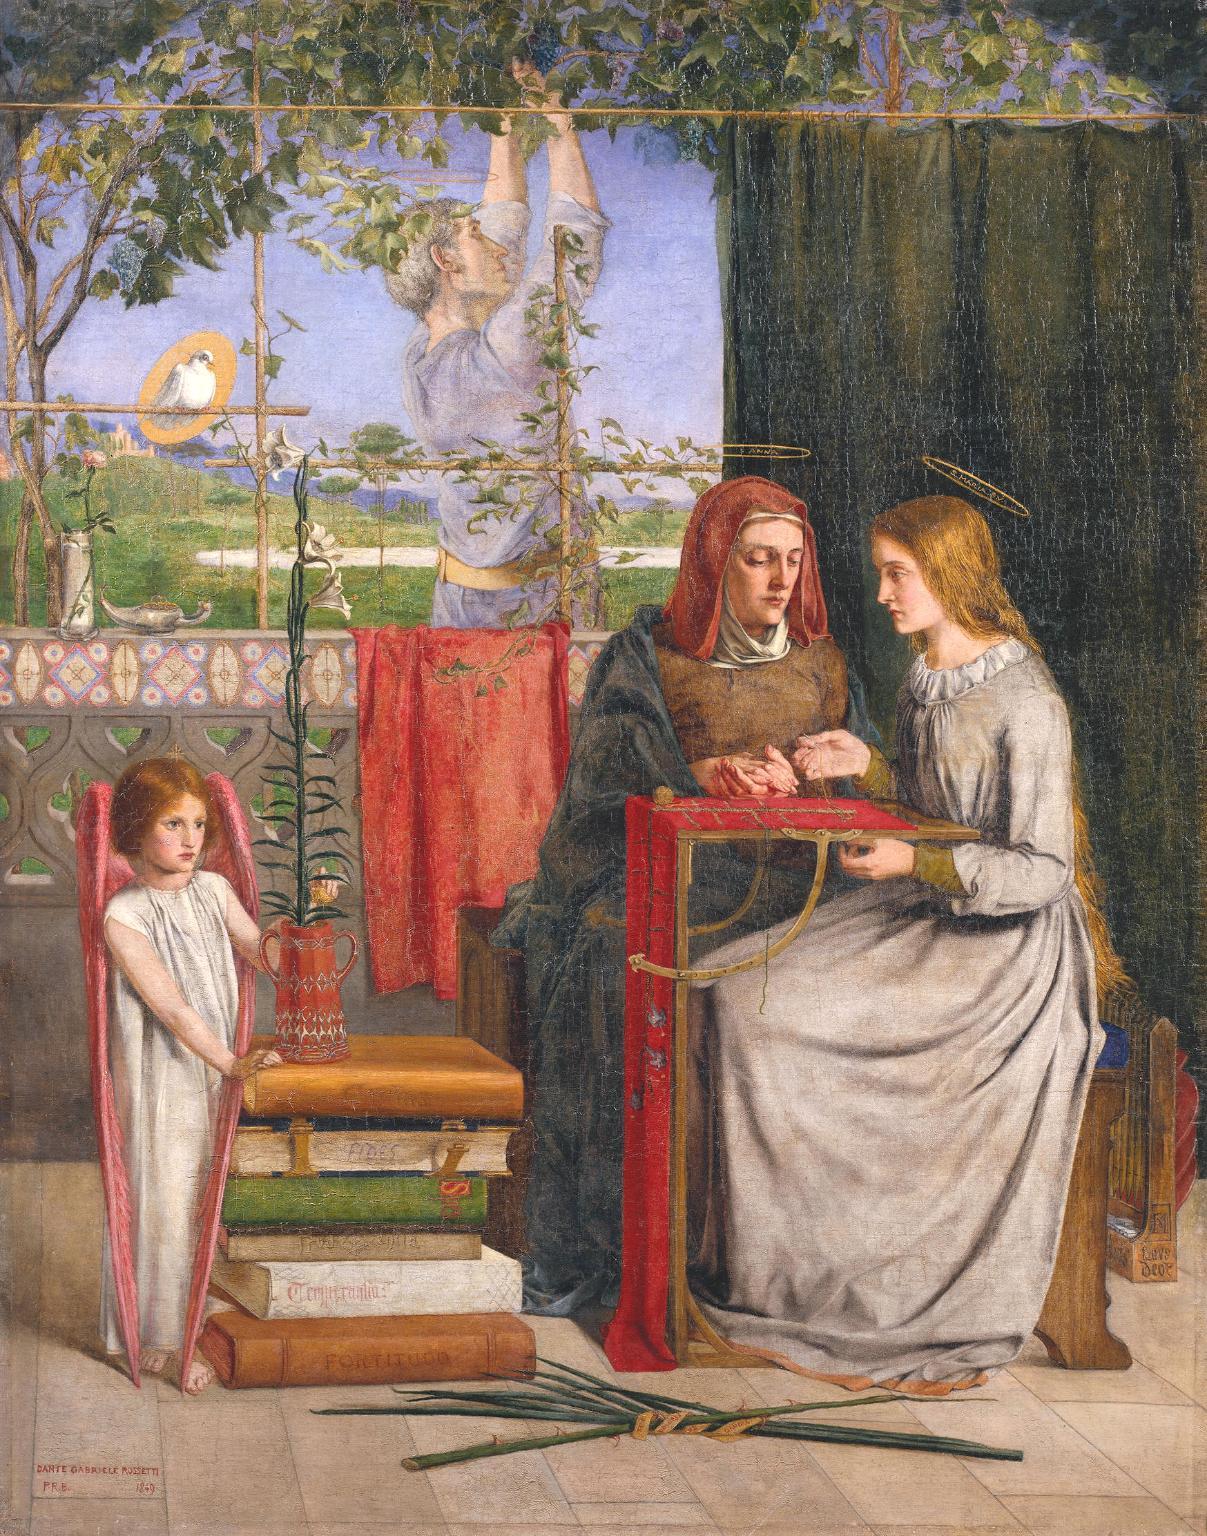 The Girlhood of Mary Virgin 1848-9 by Dante Gabriel Rossetti 1828-1882